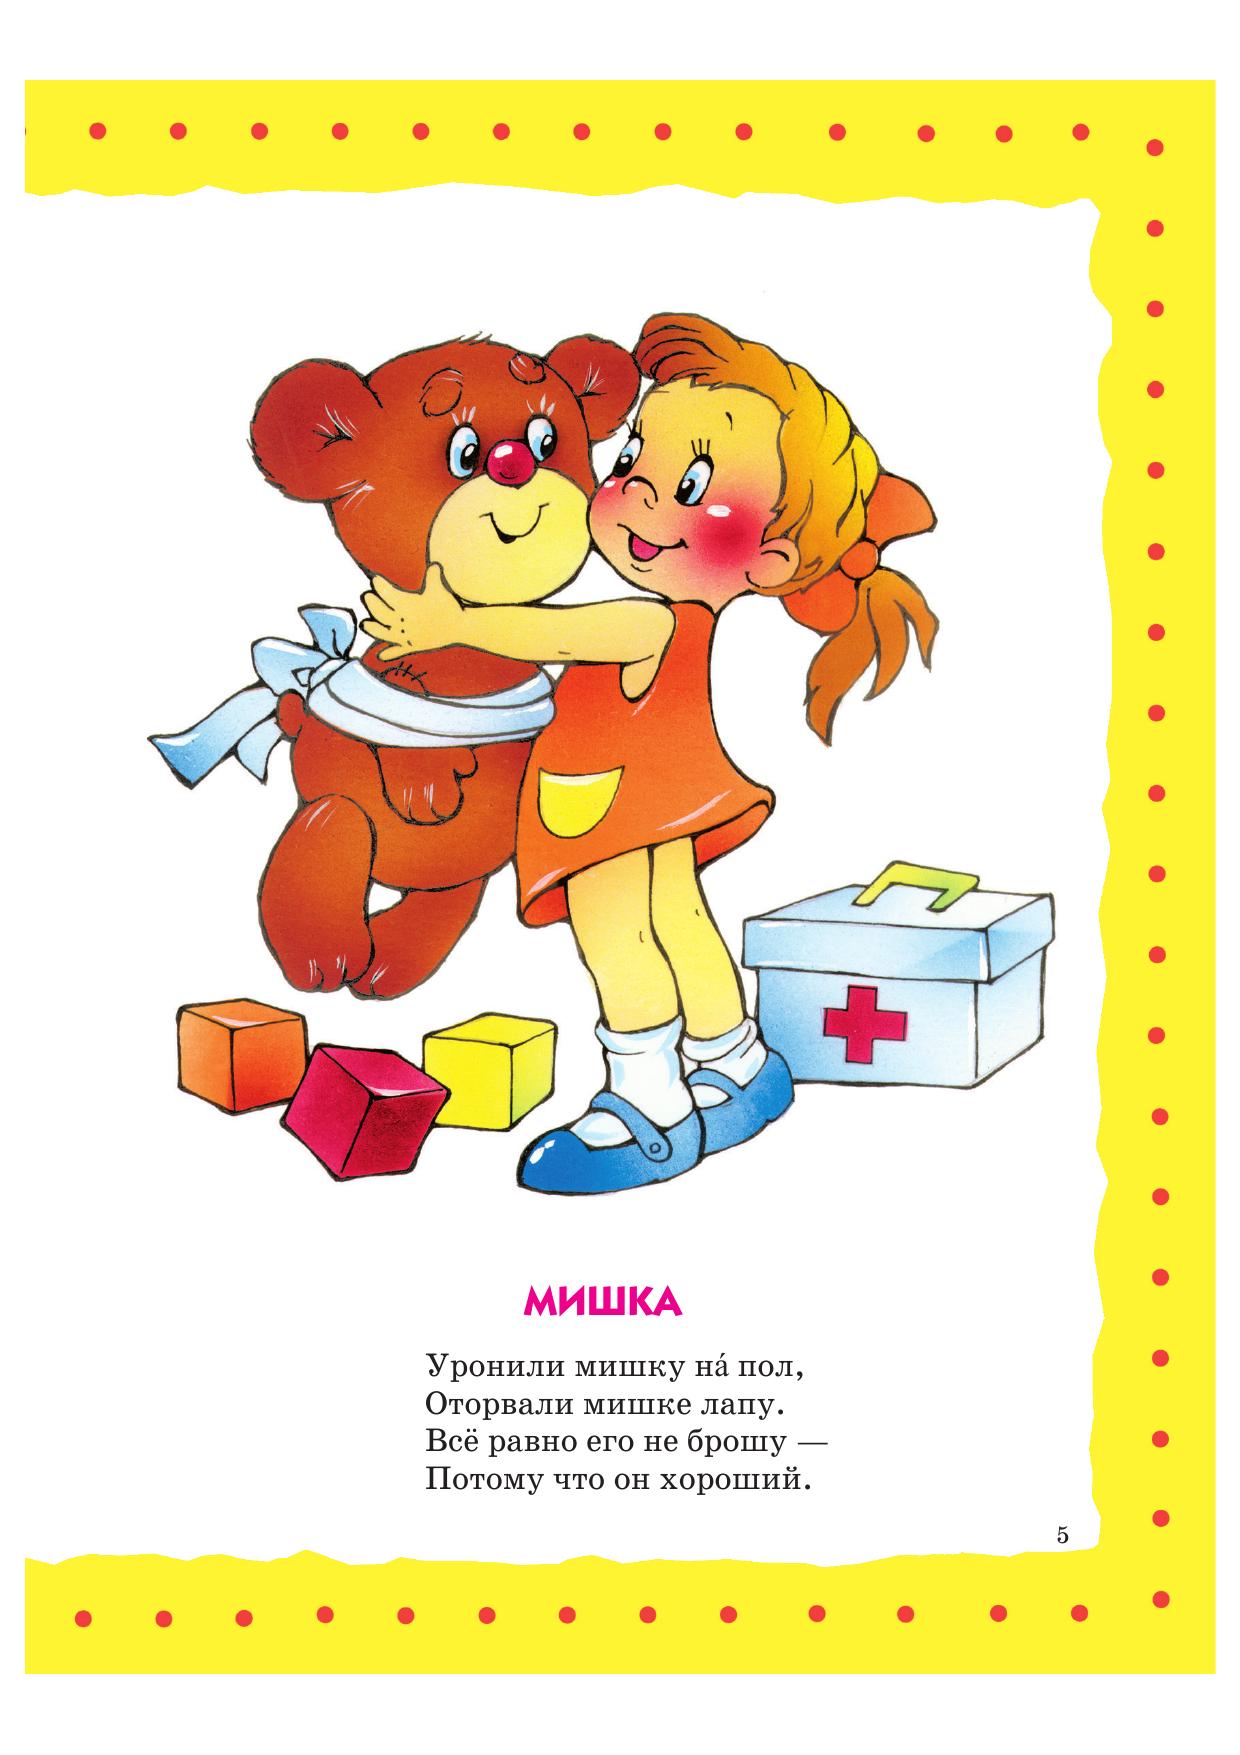 стихи о игрушках с картинками одном таких